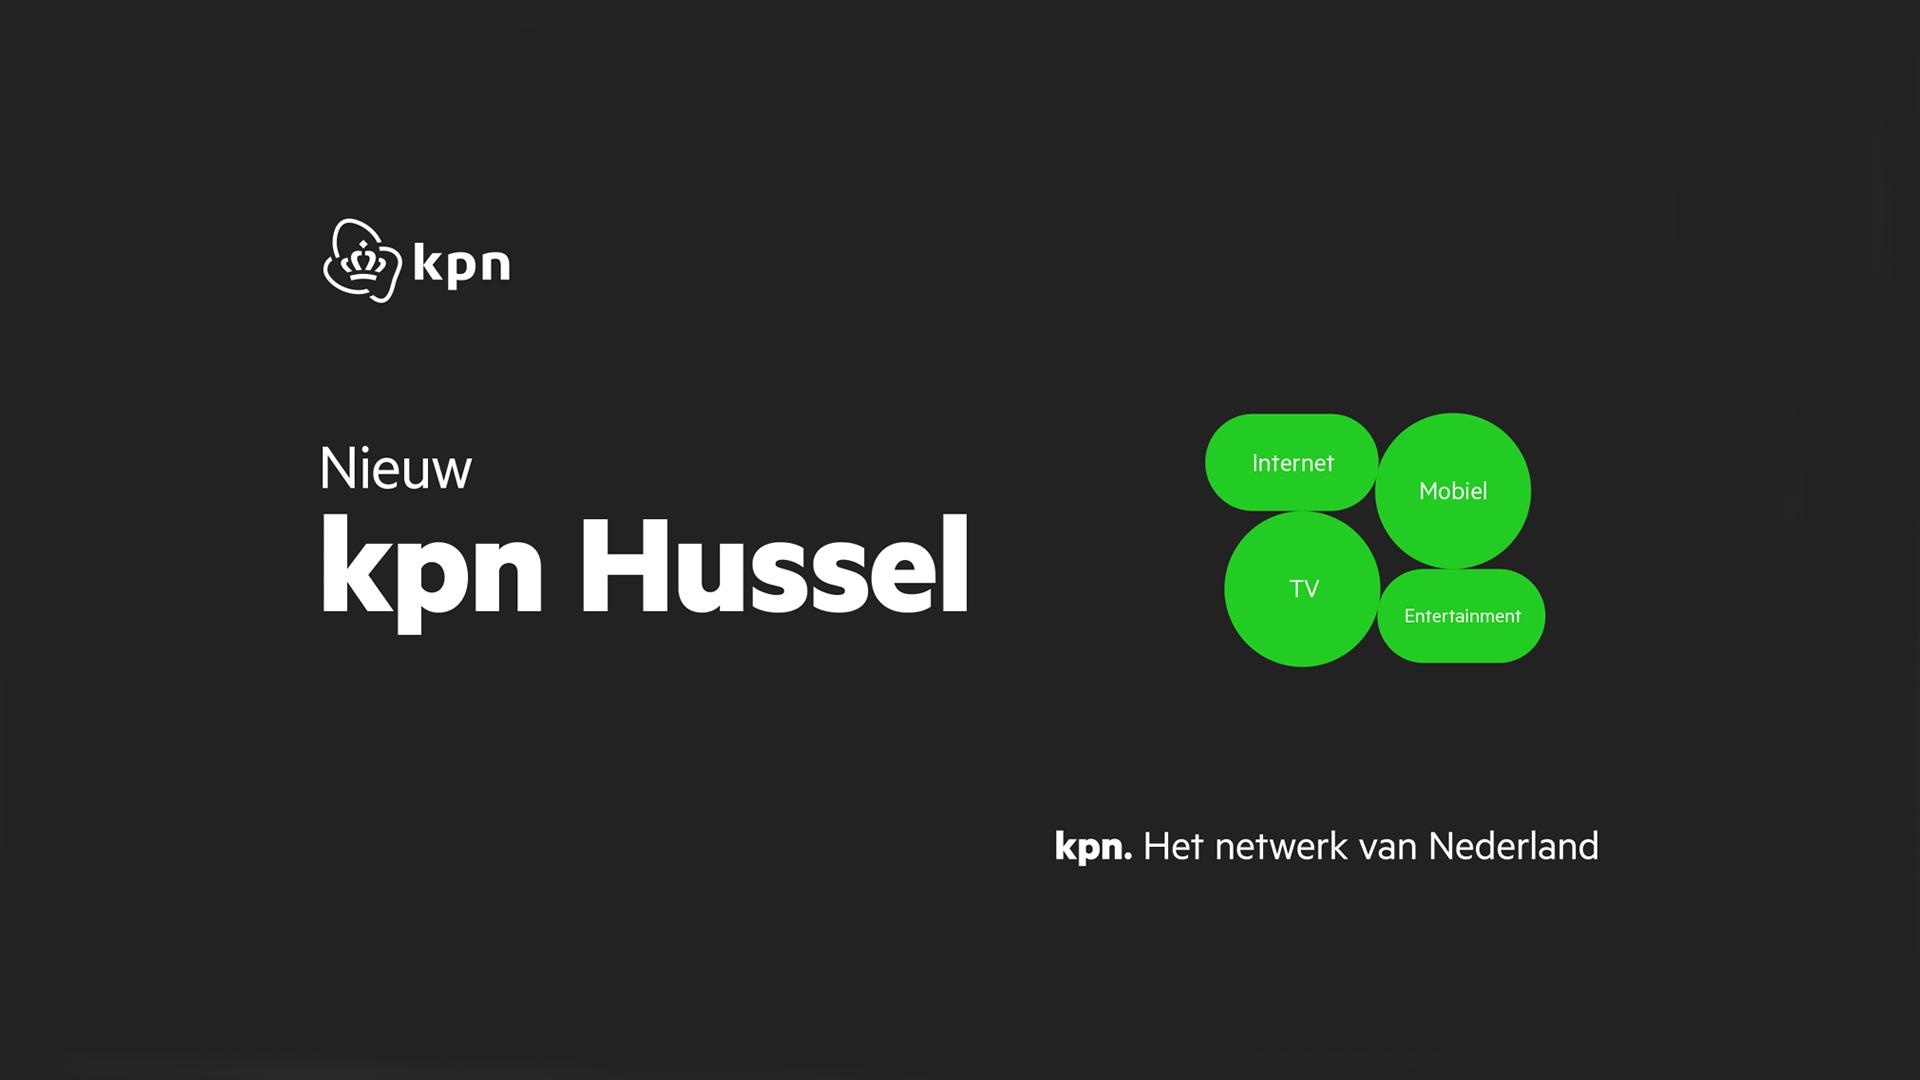 KPN Hussel Pressrelease 1